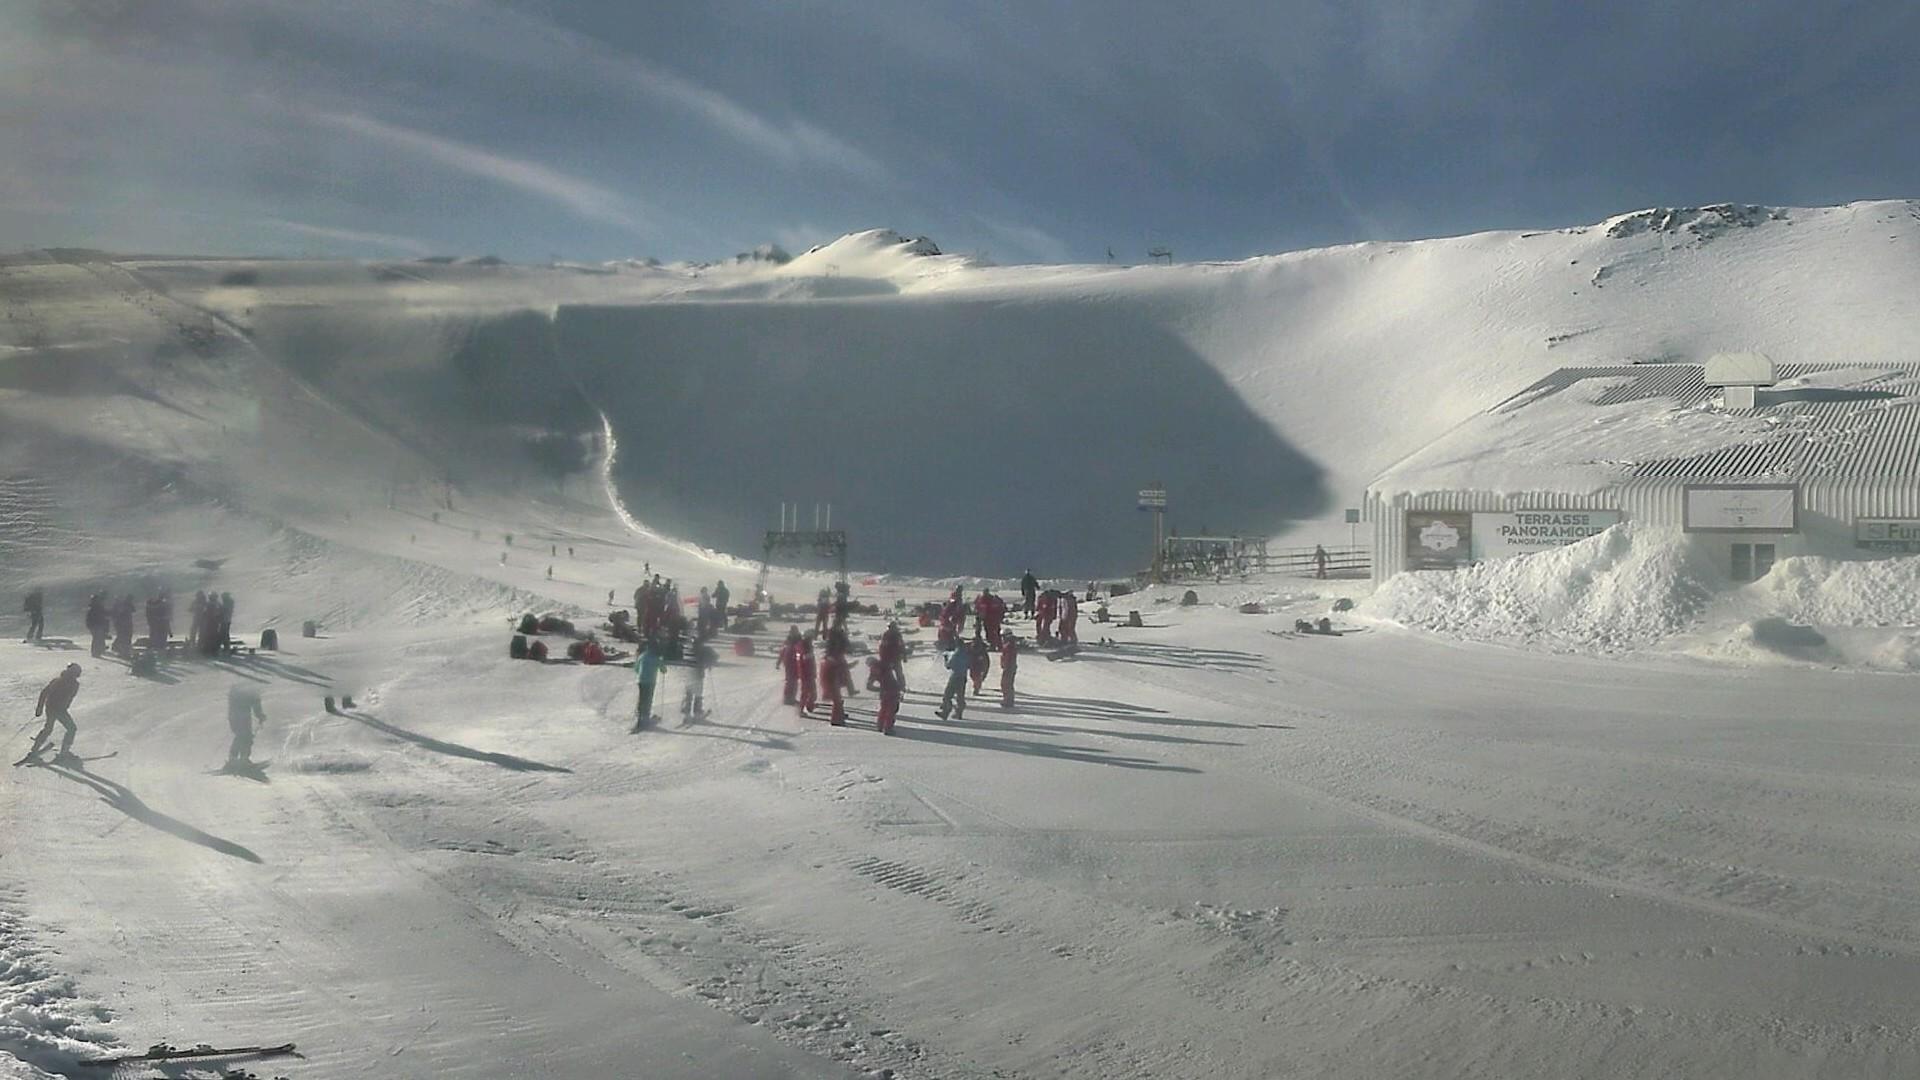 20200616_073300_mega_2alpes_restaurant-les-glaciers_1920x1080